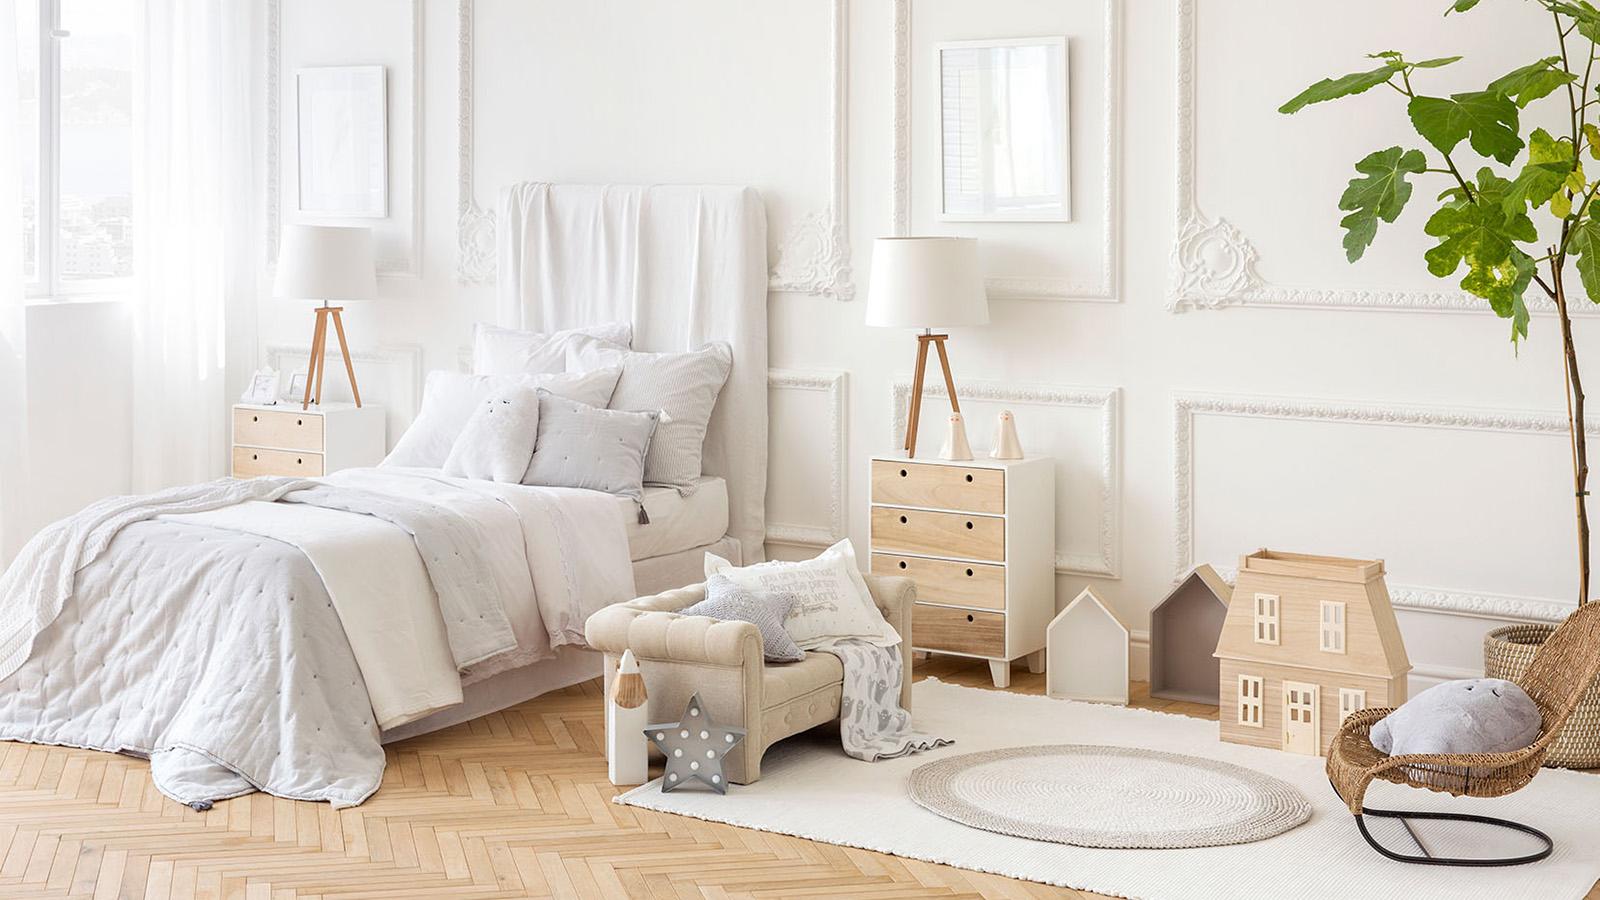 Bis zu 40% Rabatt im Schlussverkauf bei Zara Home